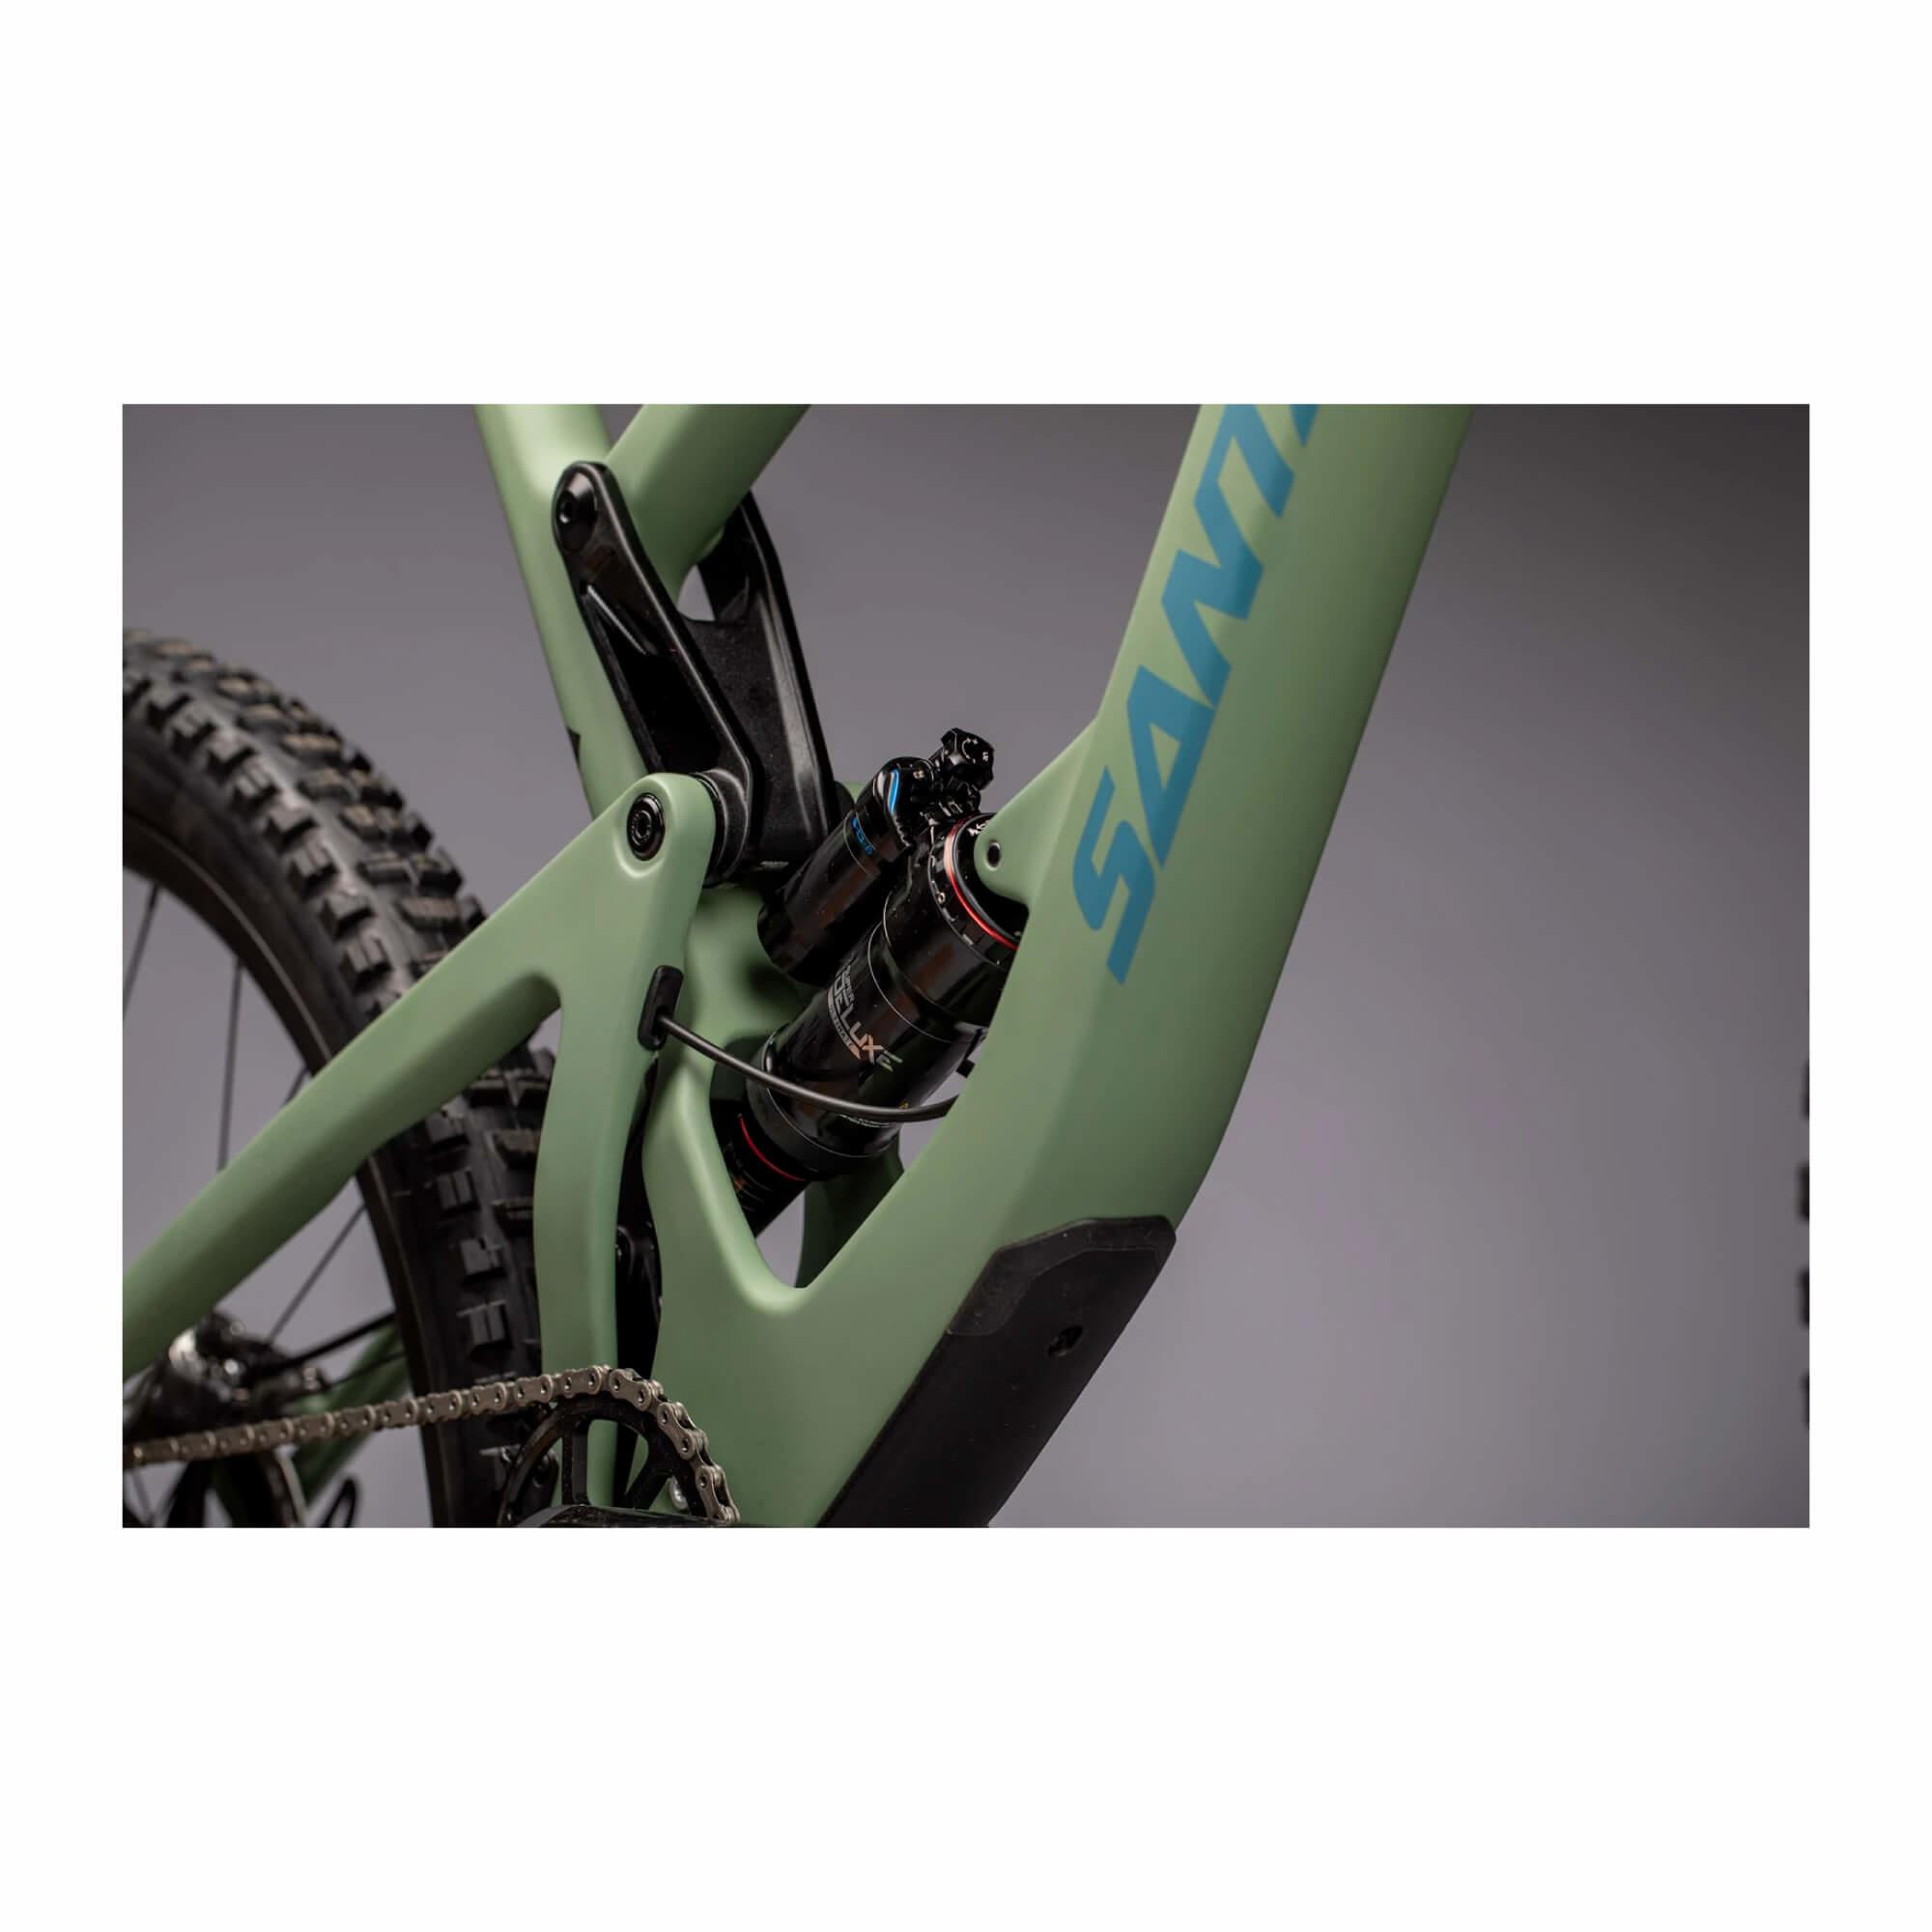 Bronson 3.0 C 27.5 S GX RS Lyrik Select + 160  2020-6